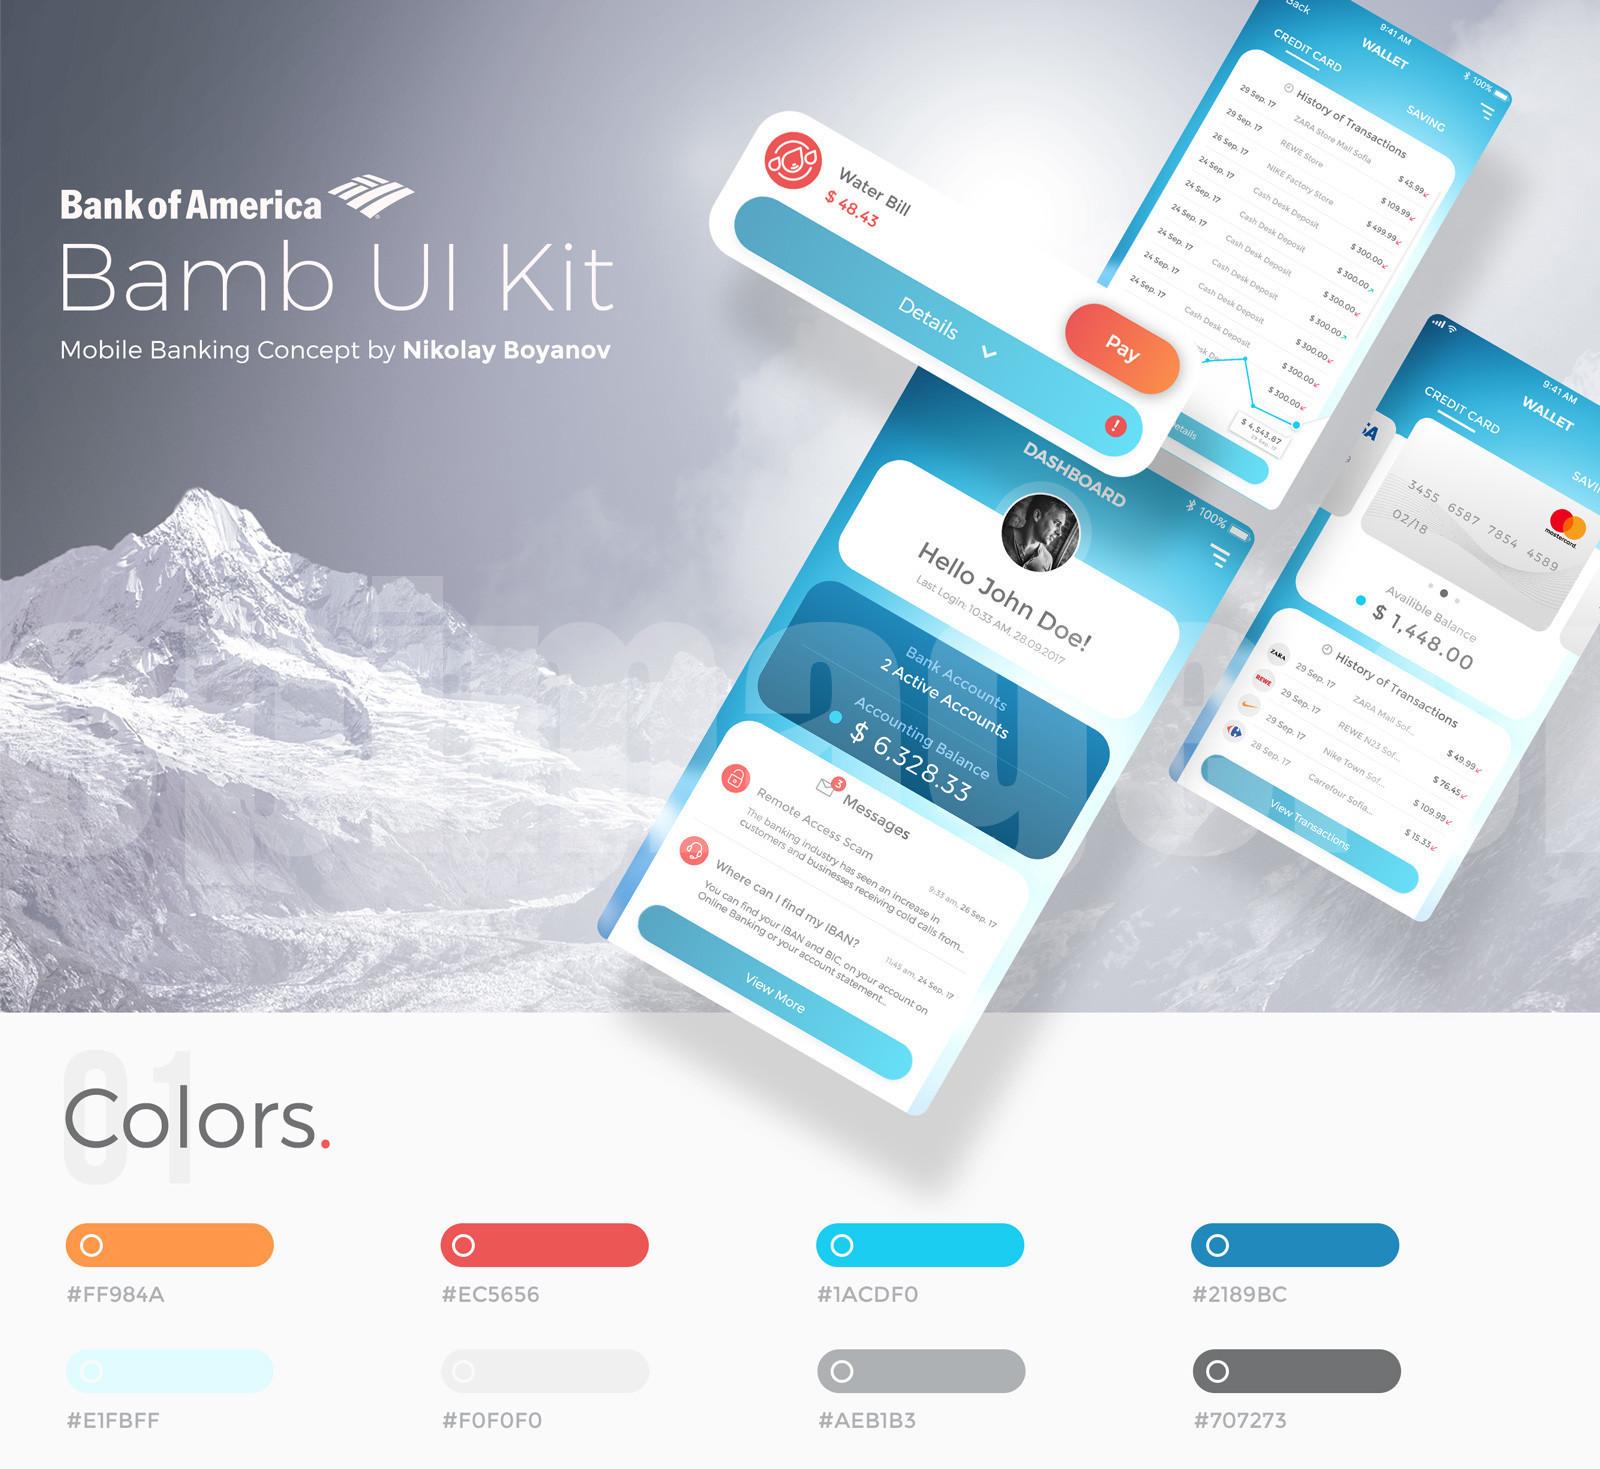 bank国外银行金融企业app 模板 ui kit 源文件xd模板素材下载